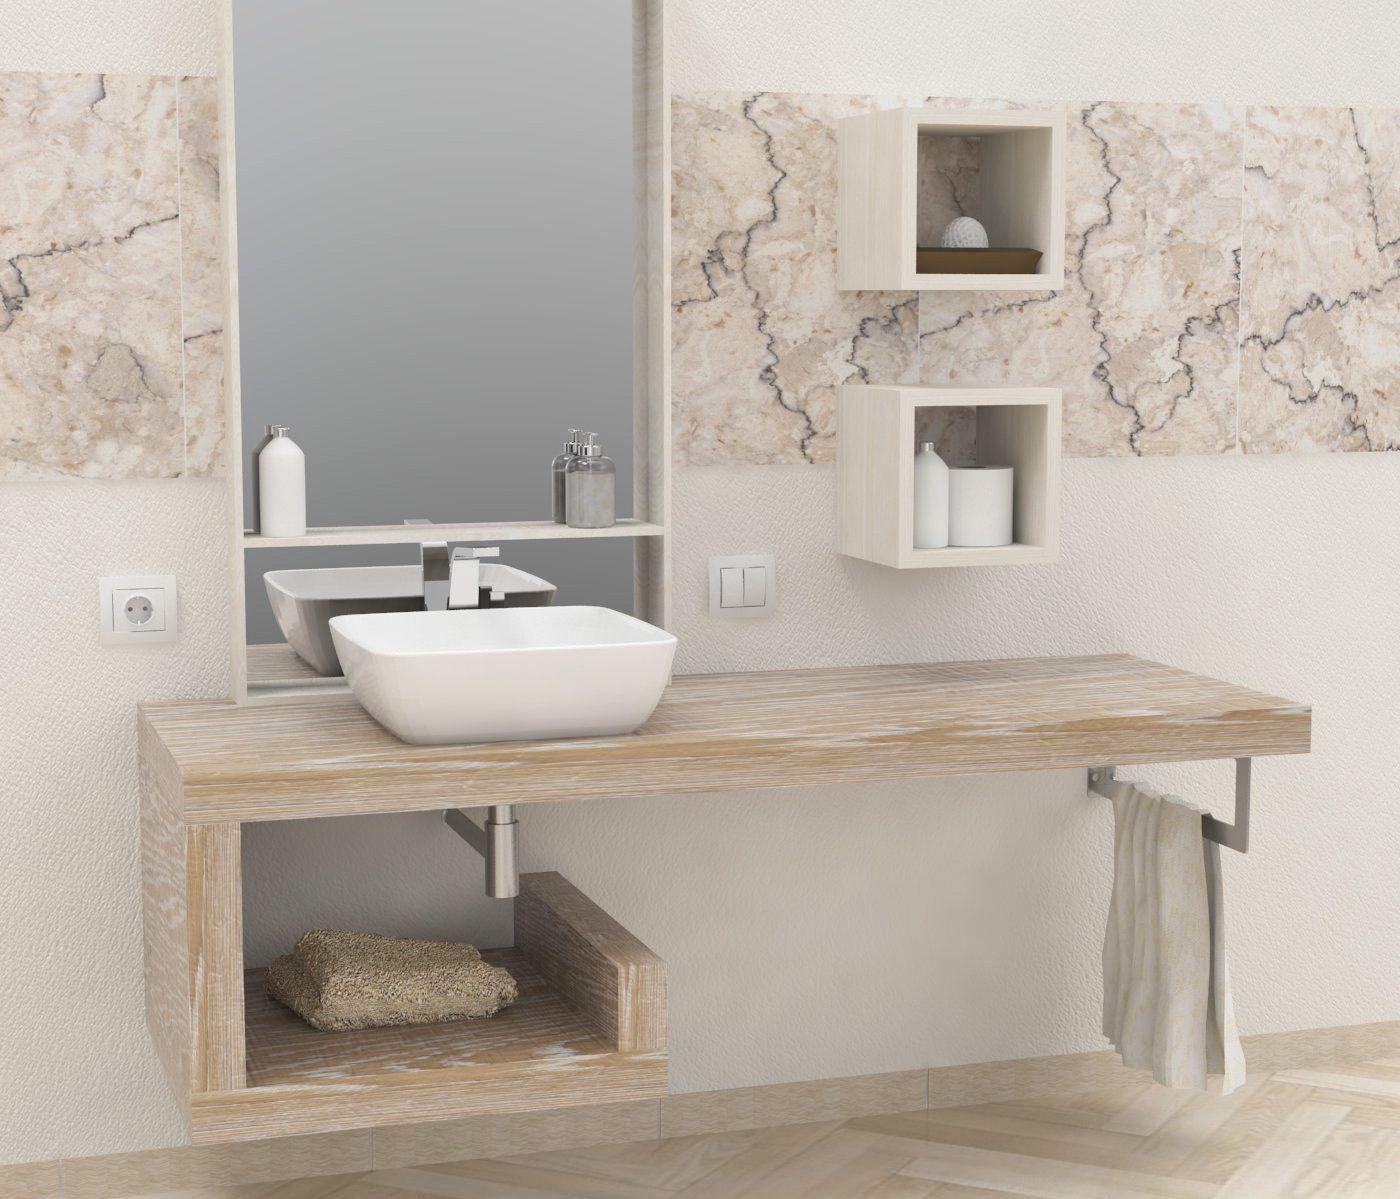 Mensole per bagno mensole lavabo in legno massello su misura profondit da 40 a 60 cm - Vernice per bagno ...